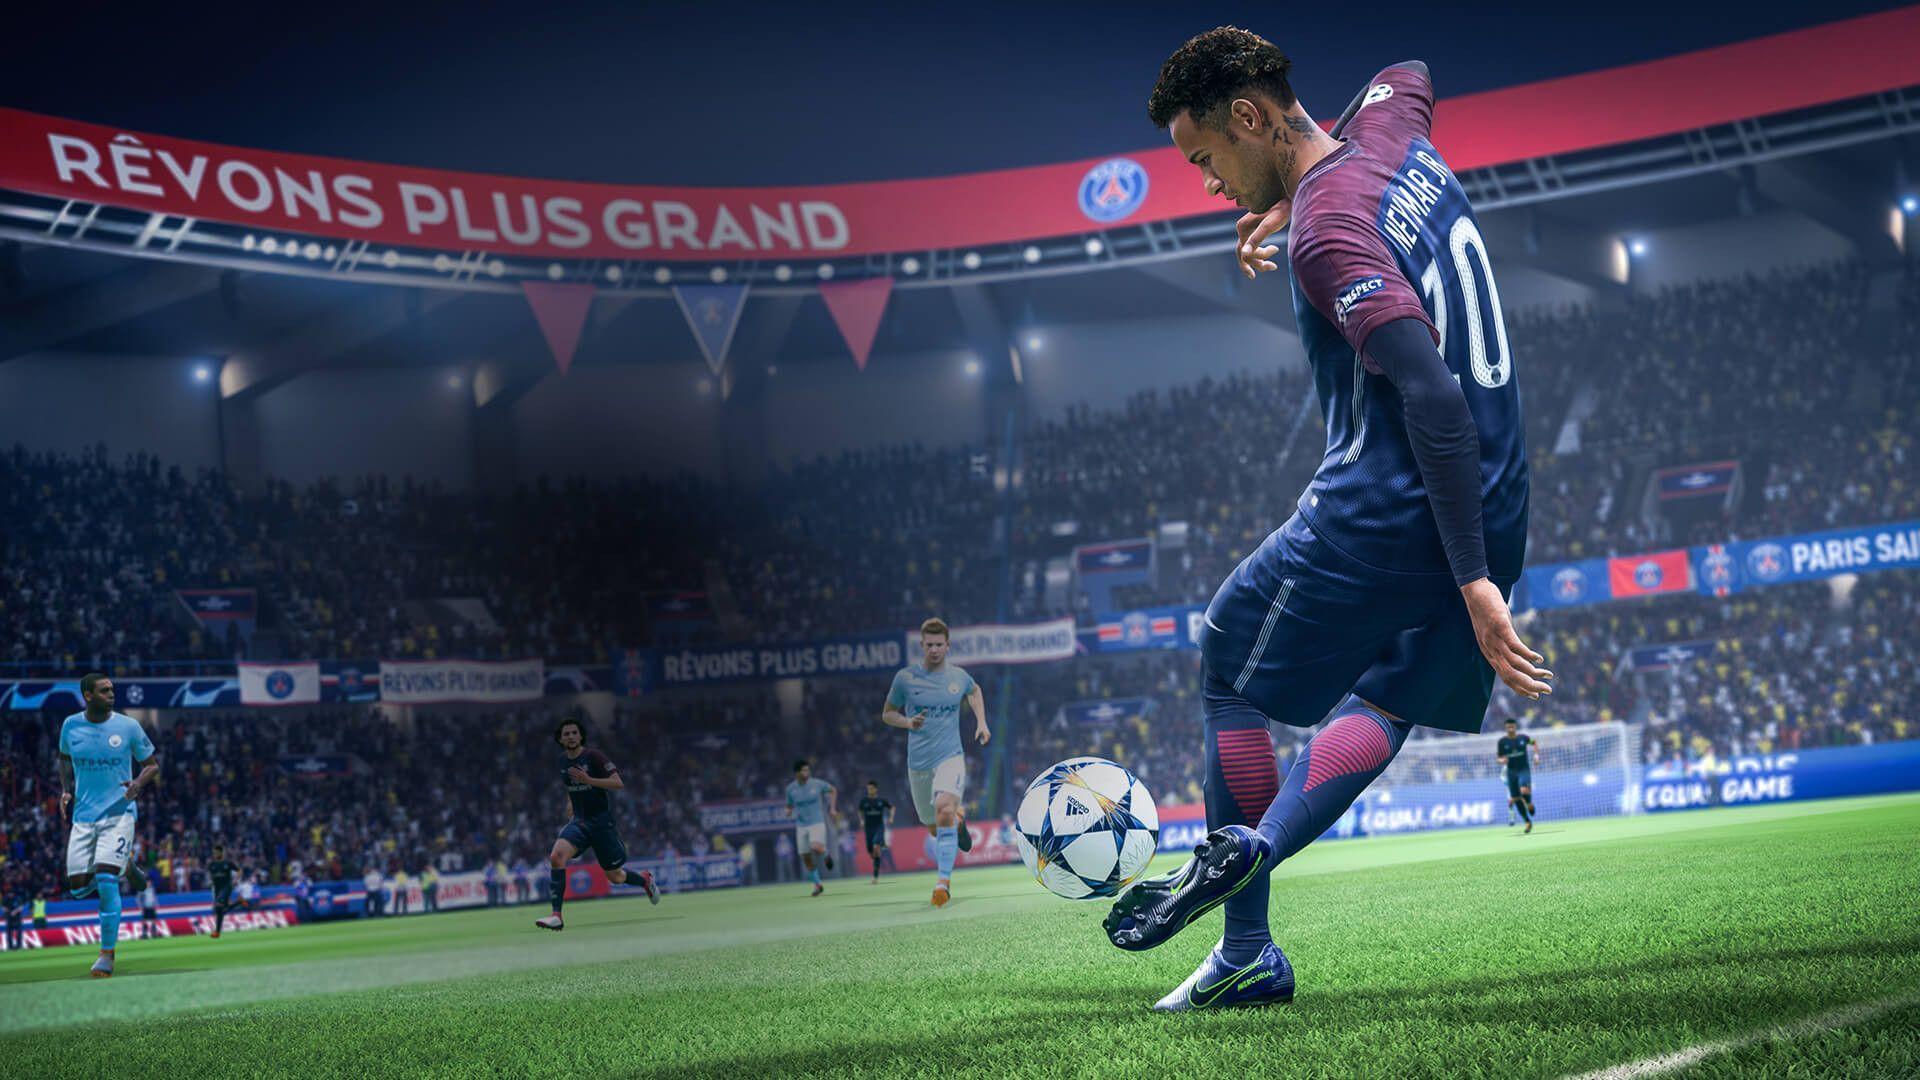 شاهد العرض الرسمي لأسلوب لعب المنتظرة بشدة Fifa 2020 Fifa Ultimate Team Ea Sports Fifa Fifa